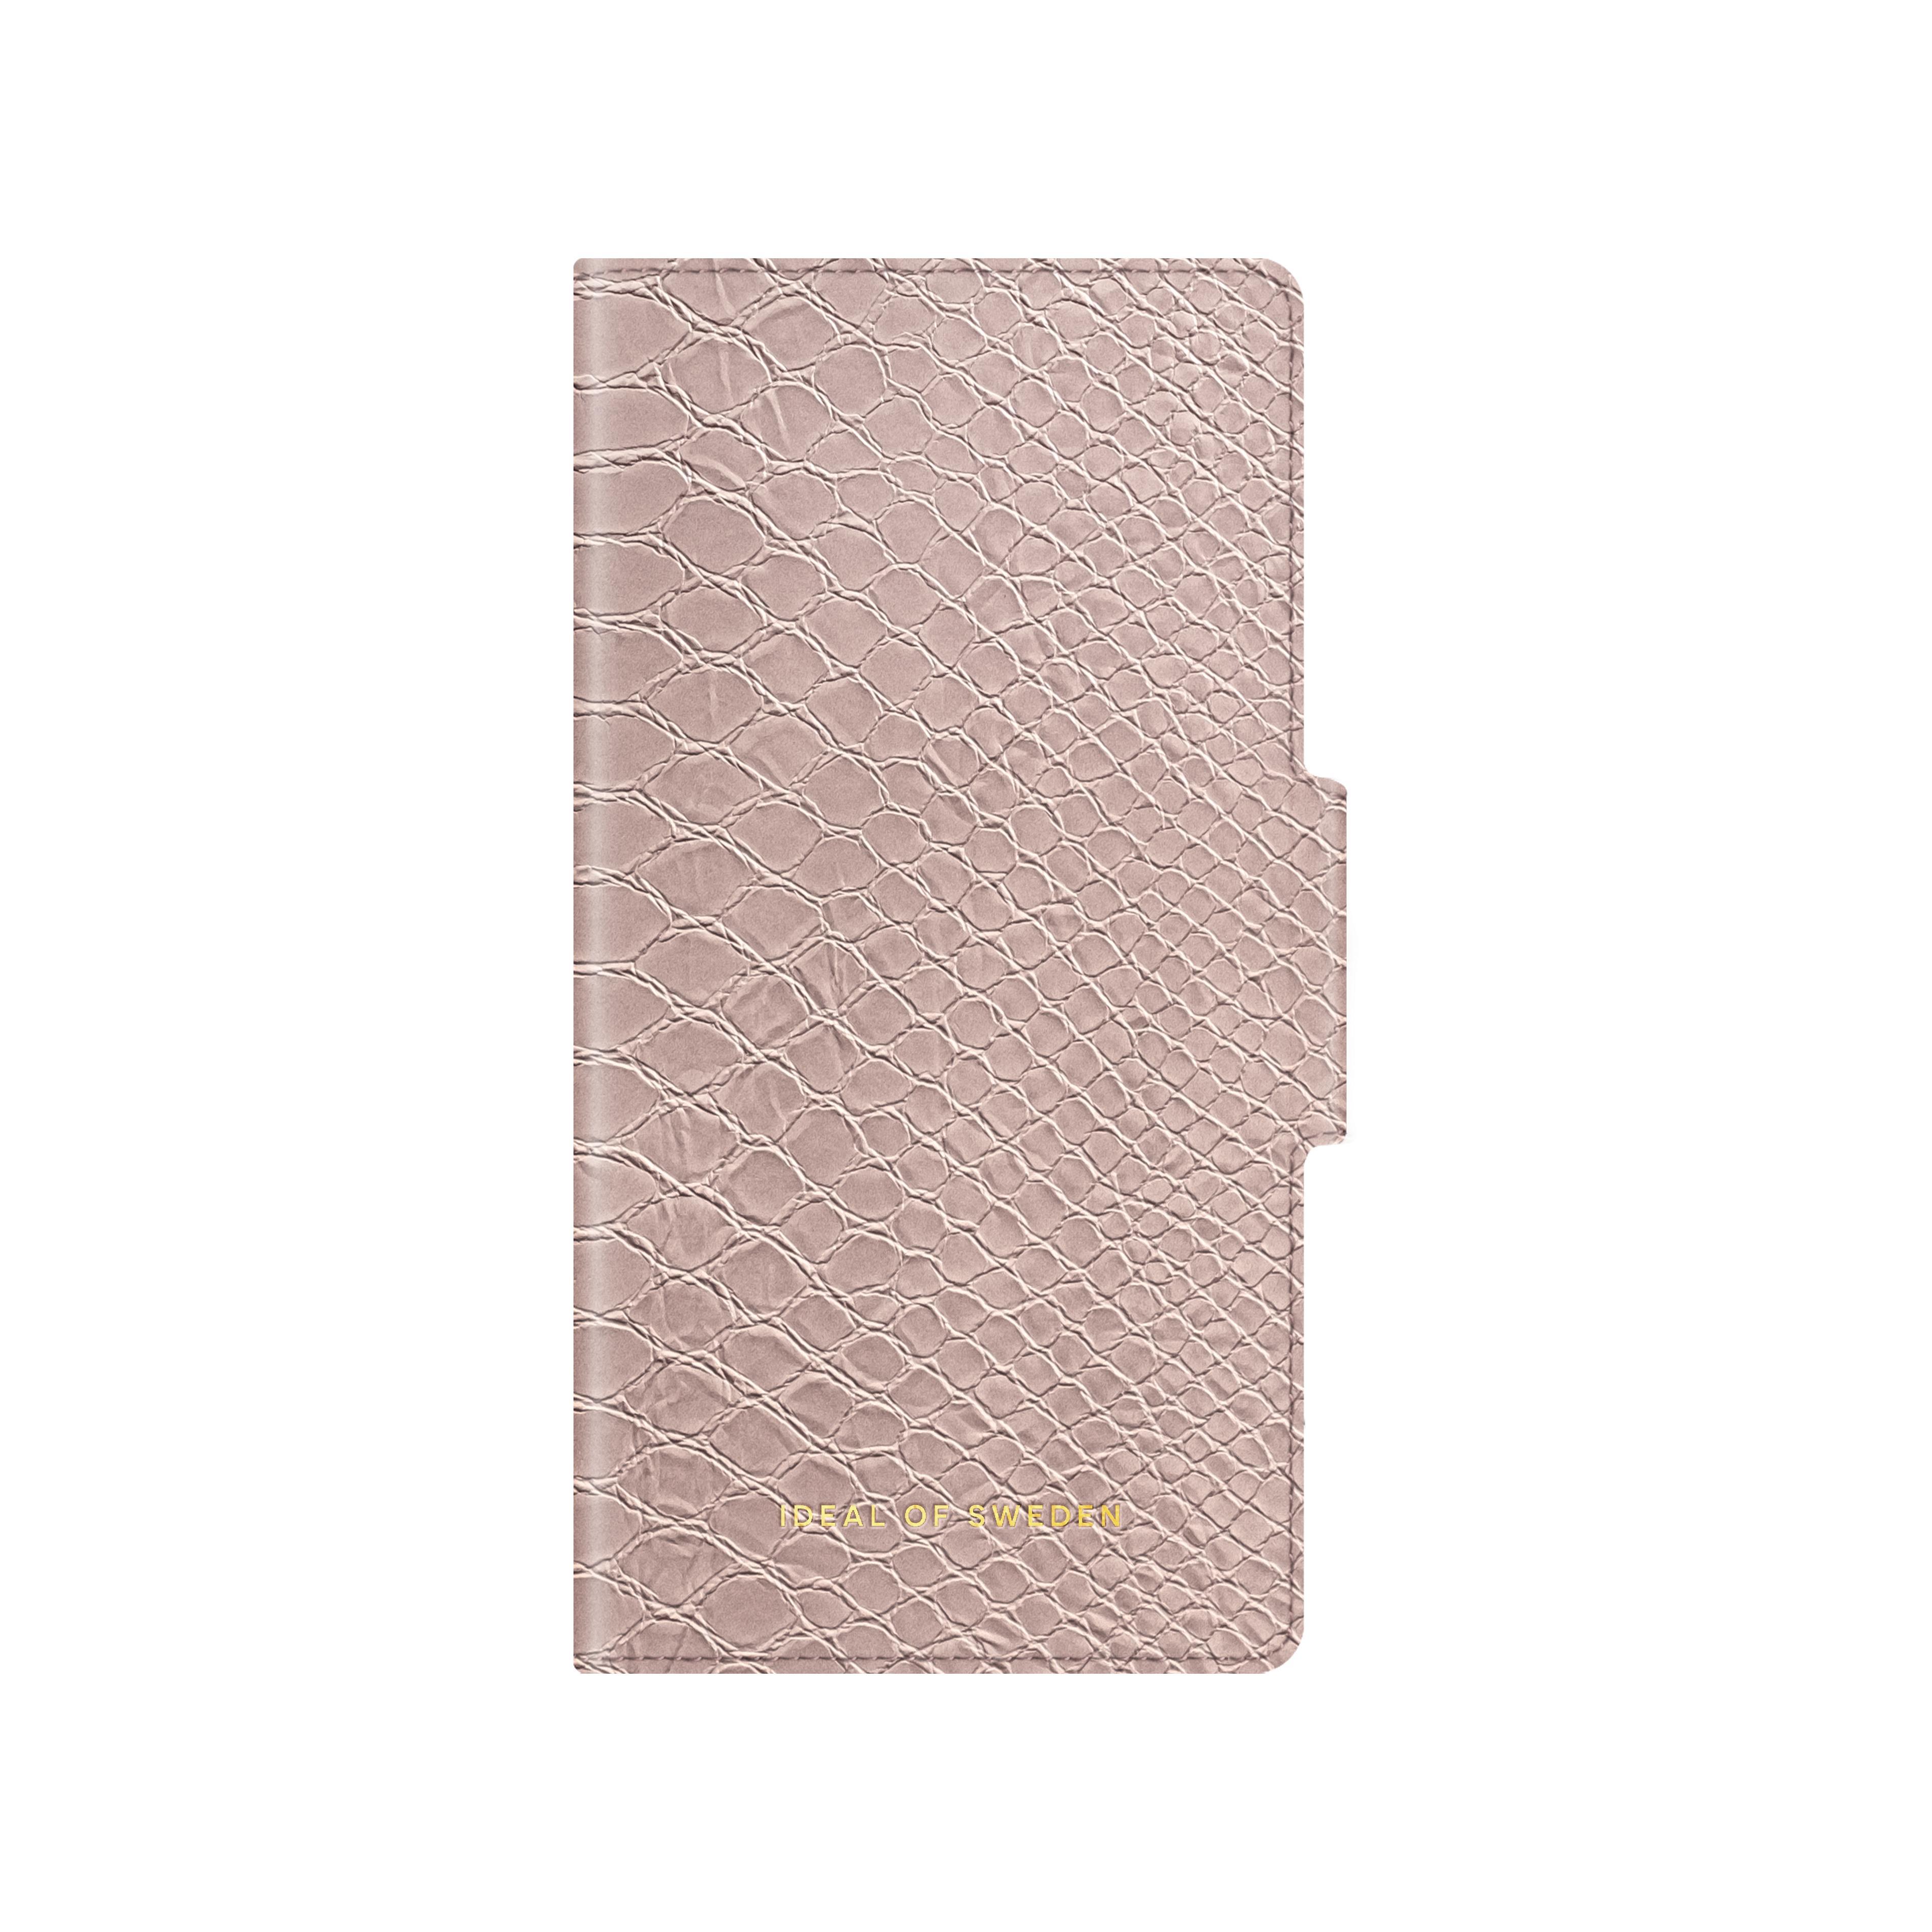 Atelier Wallet iPhone 12/12 Pro Lotus Snake